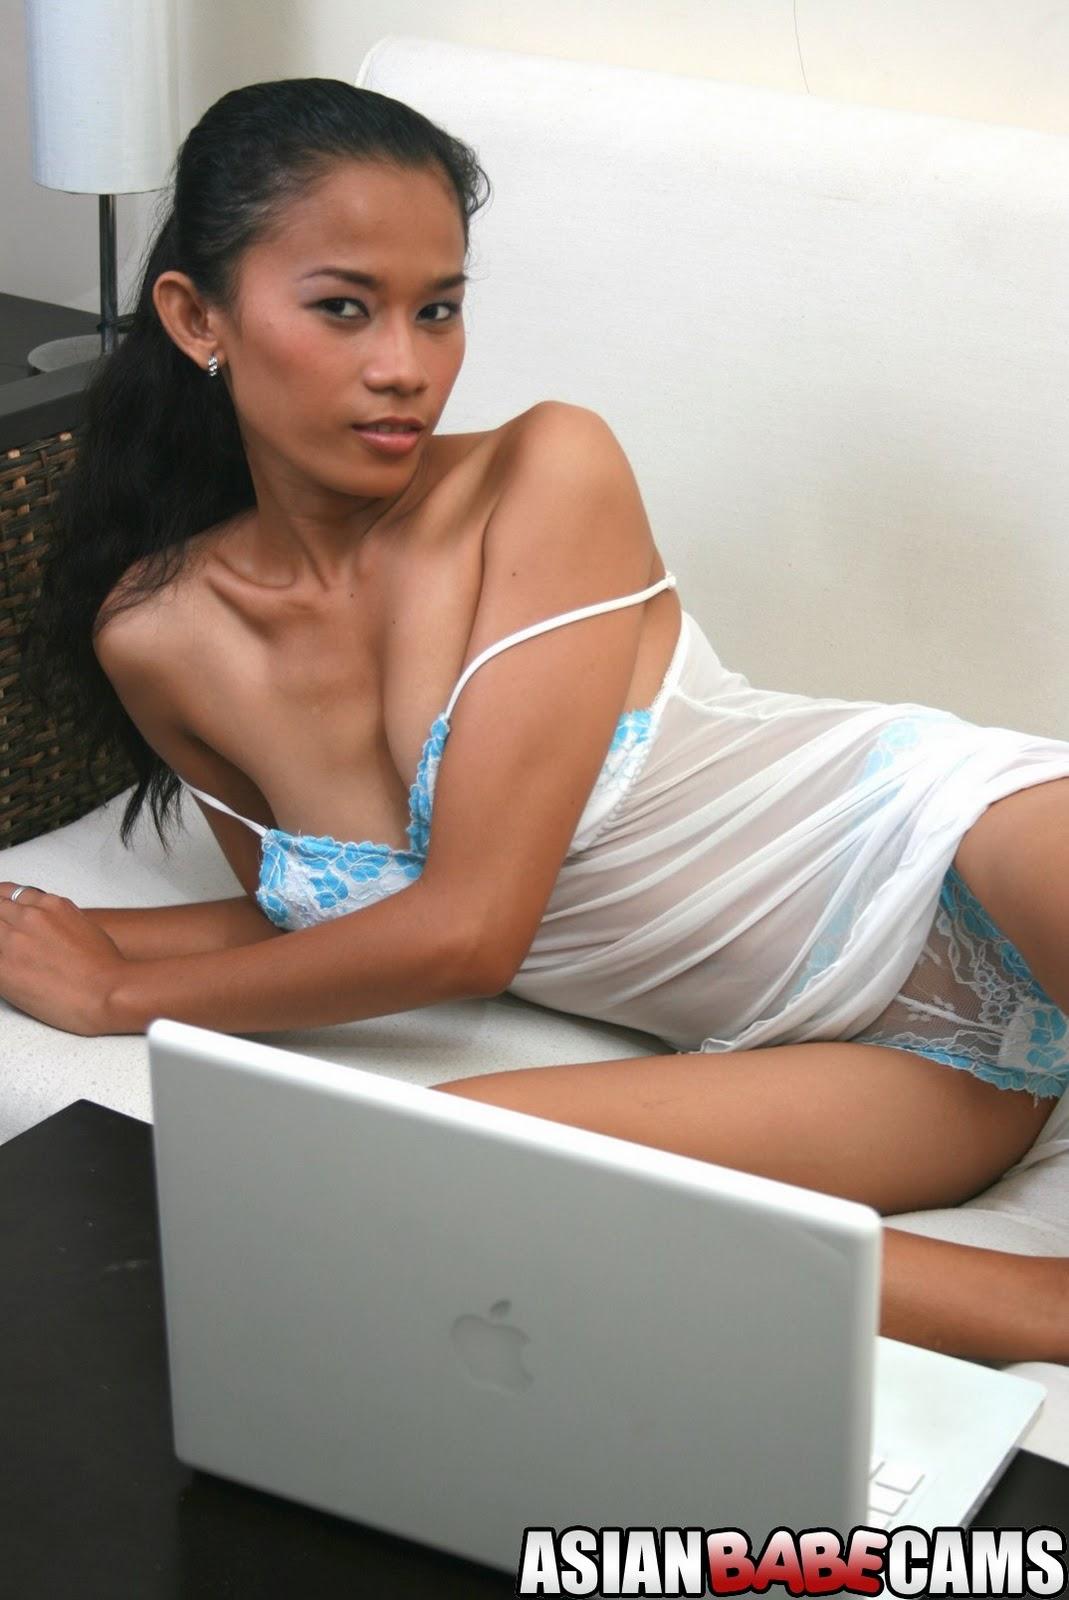 Most prolific pornstar